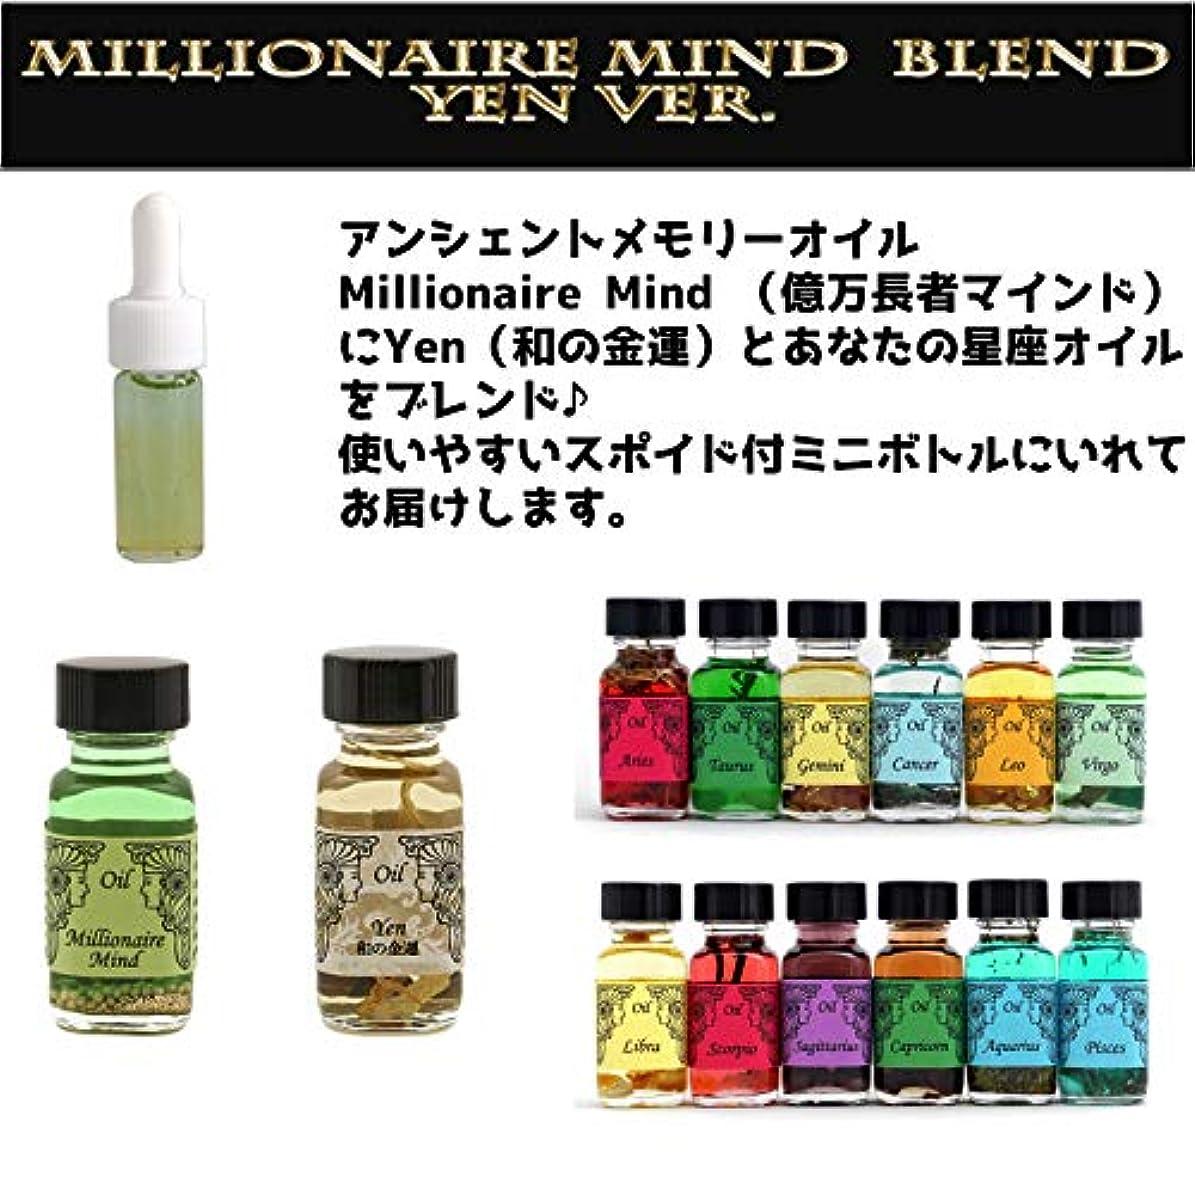 かもめ冒険家統計的アンシェントメモリーオイル Millionaire Mind 億万長者マインド ブレンド【Yen 和の金運&やぎ座】